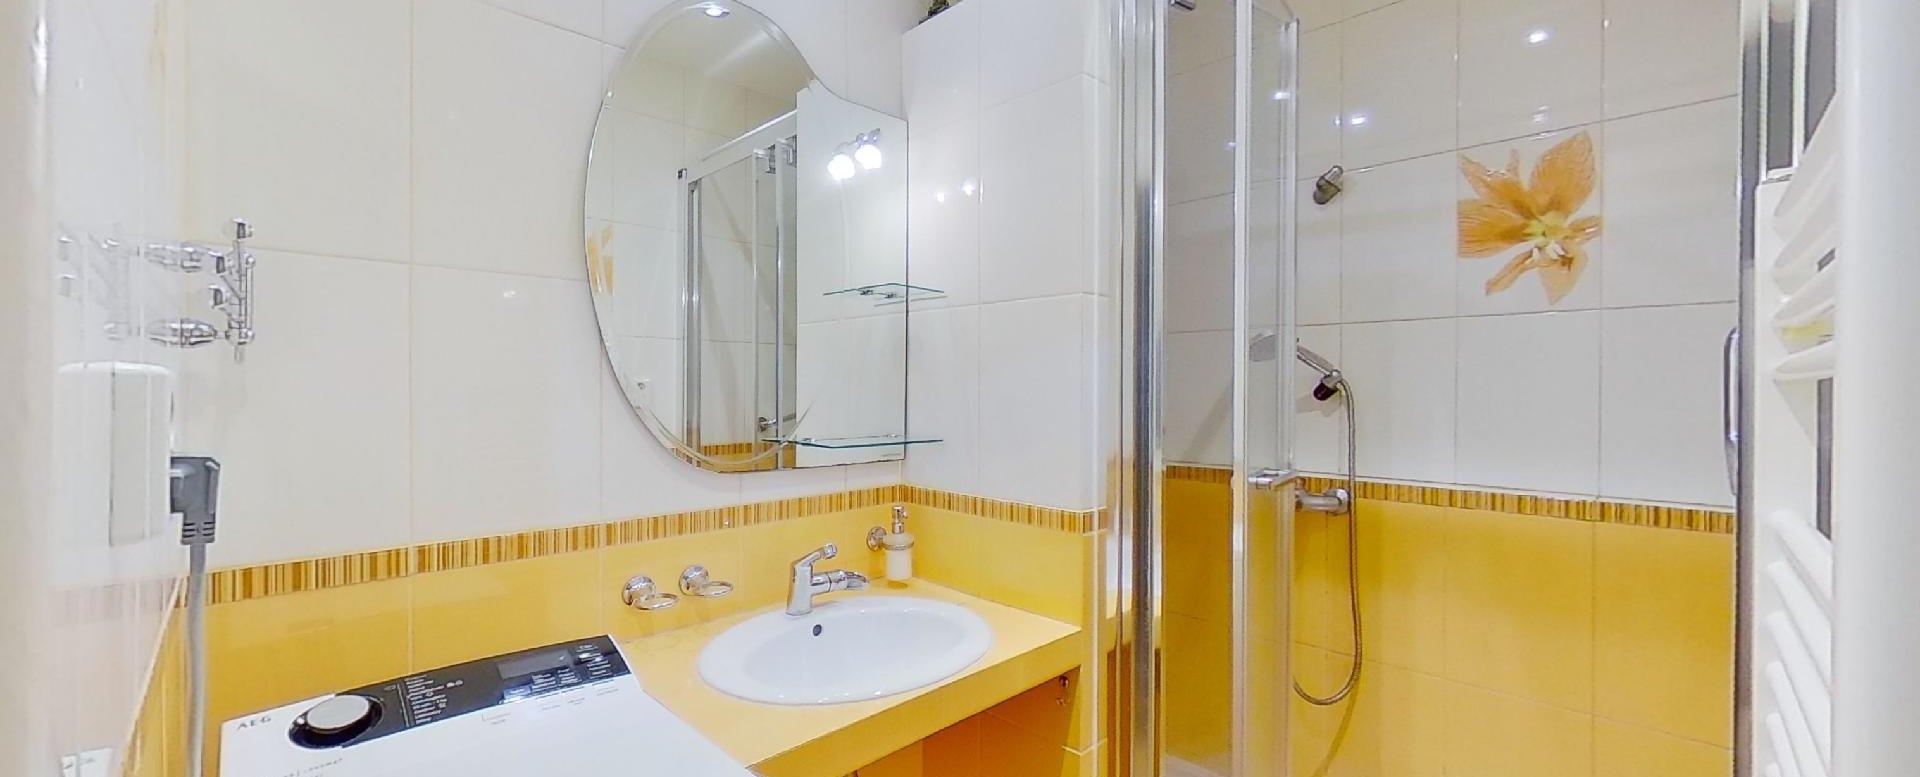 Práčka v kúpeľni